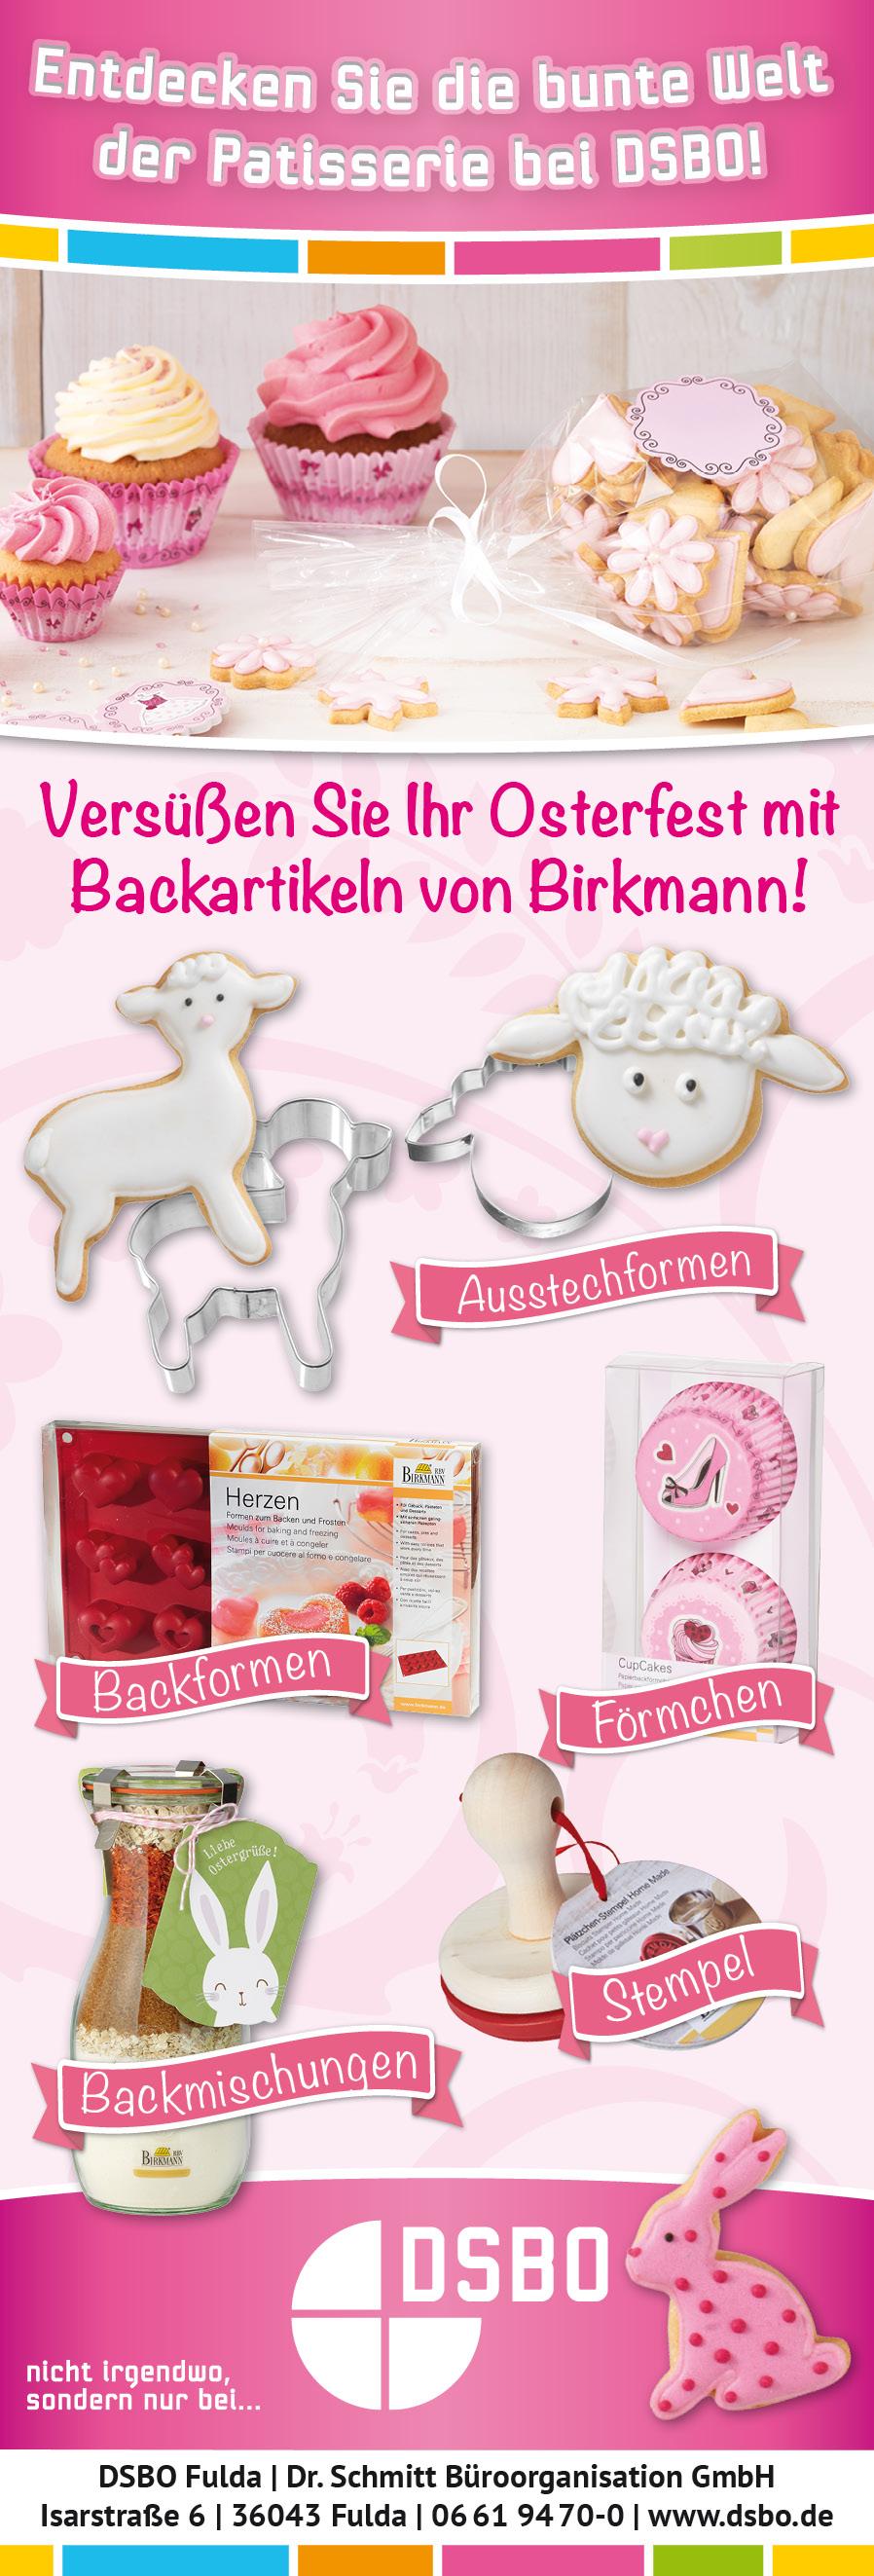 Backen, Ostern, Birkmann, Plätzchen, Kuchen, Muffins, Cakepos